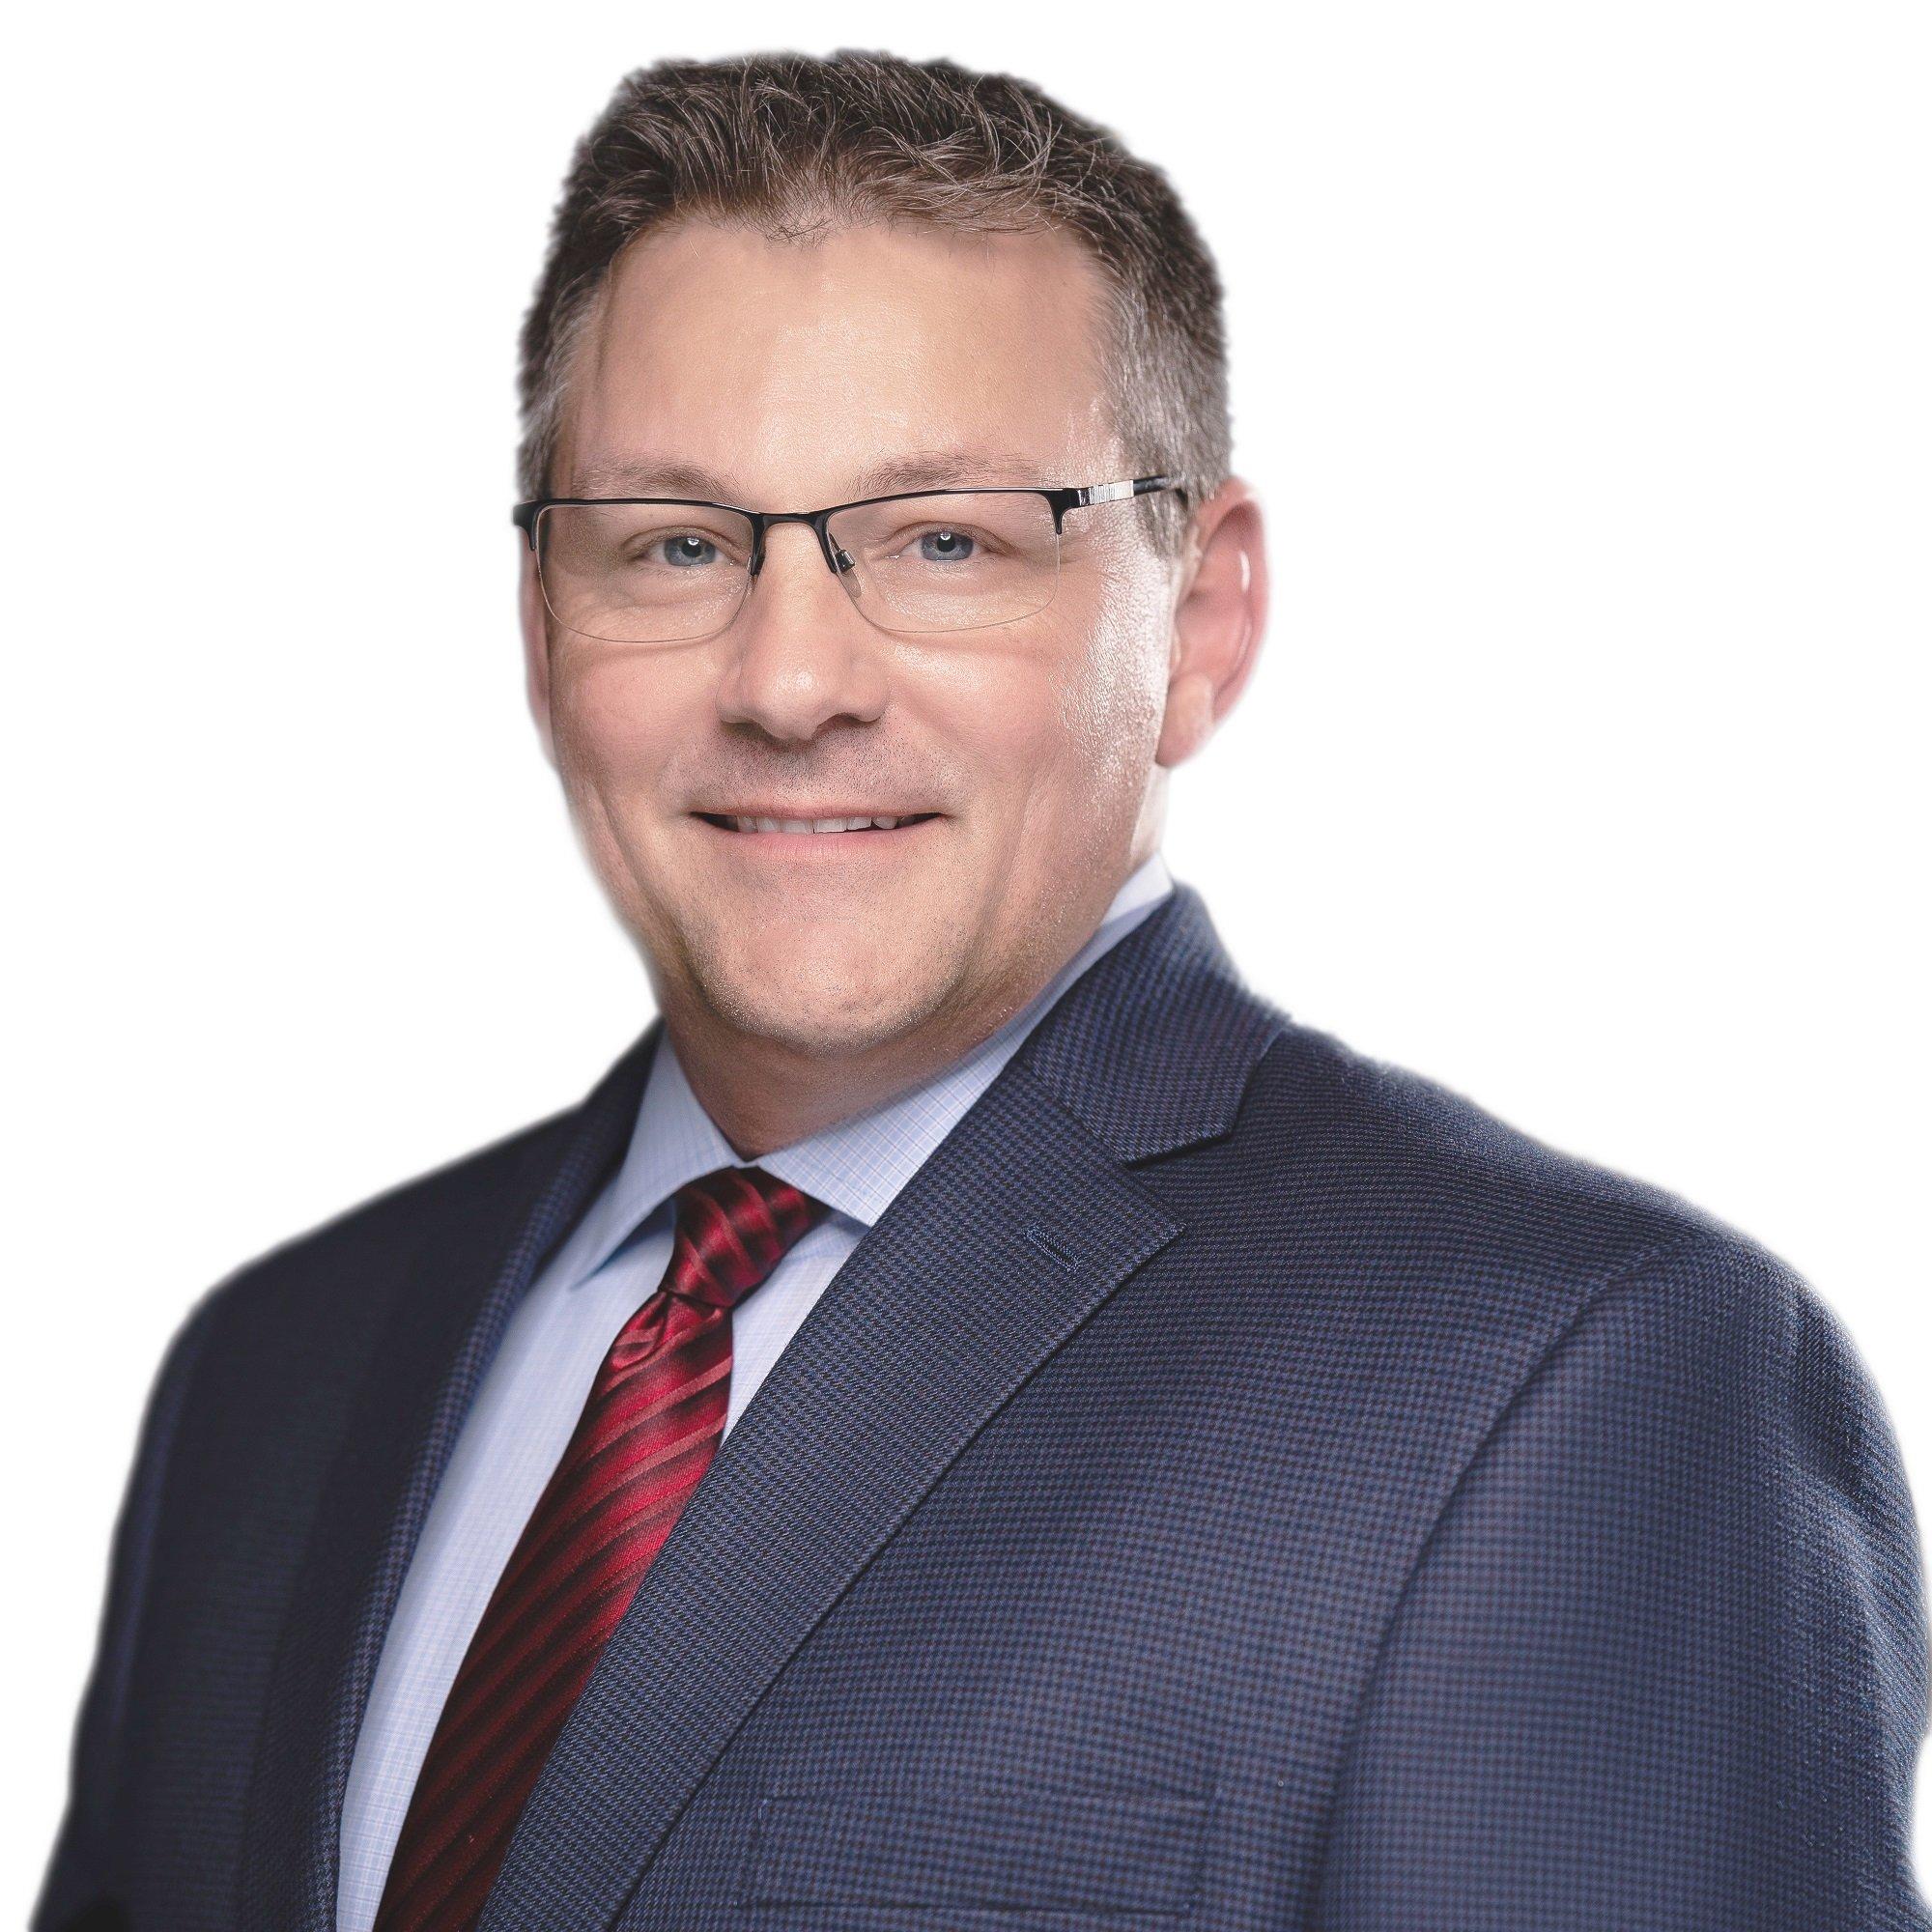 Steve Lenker